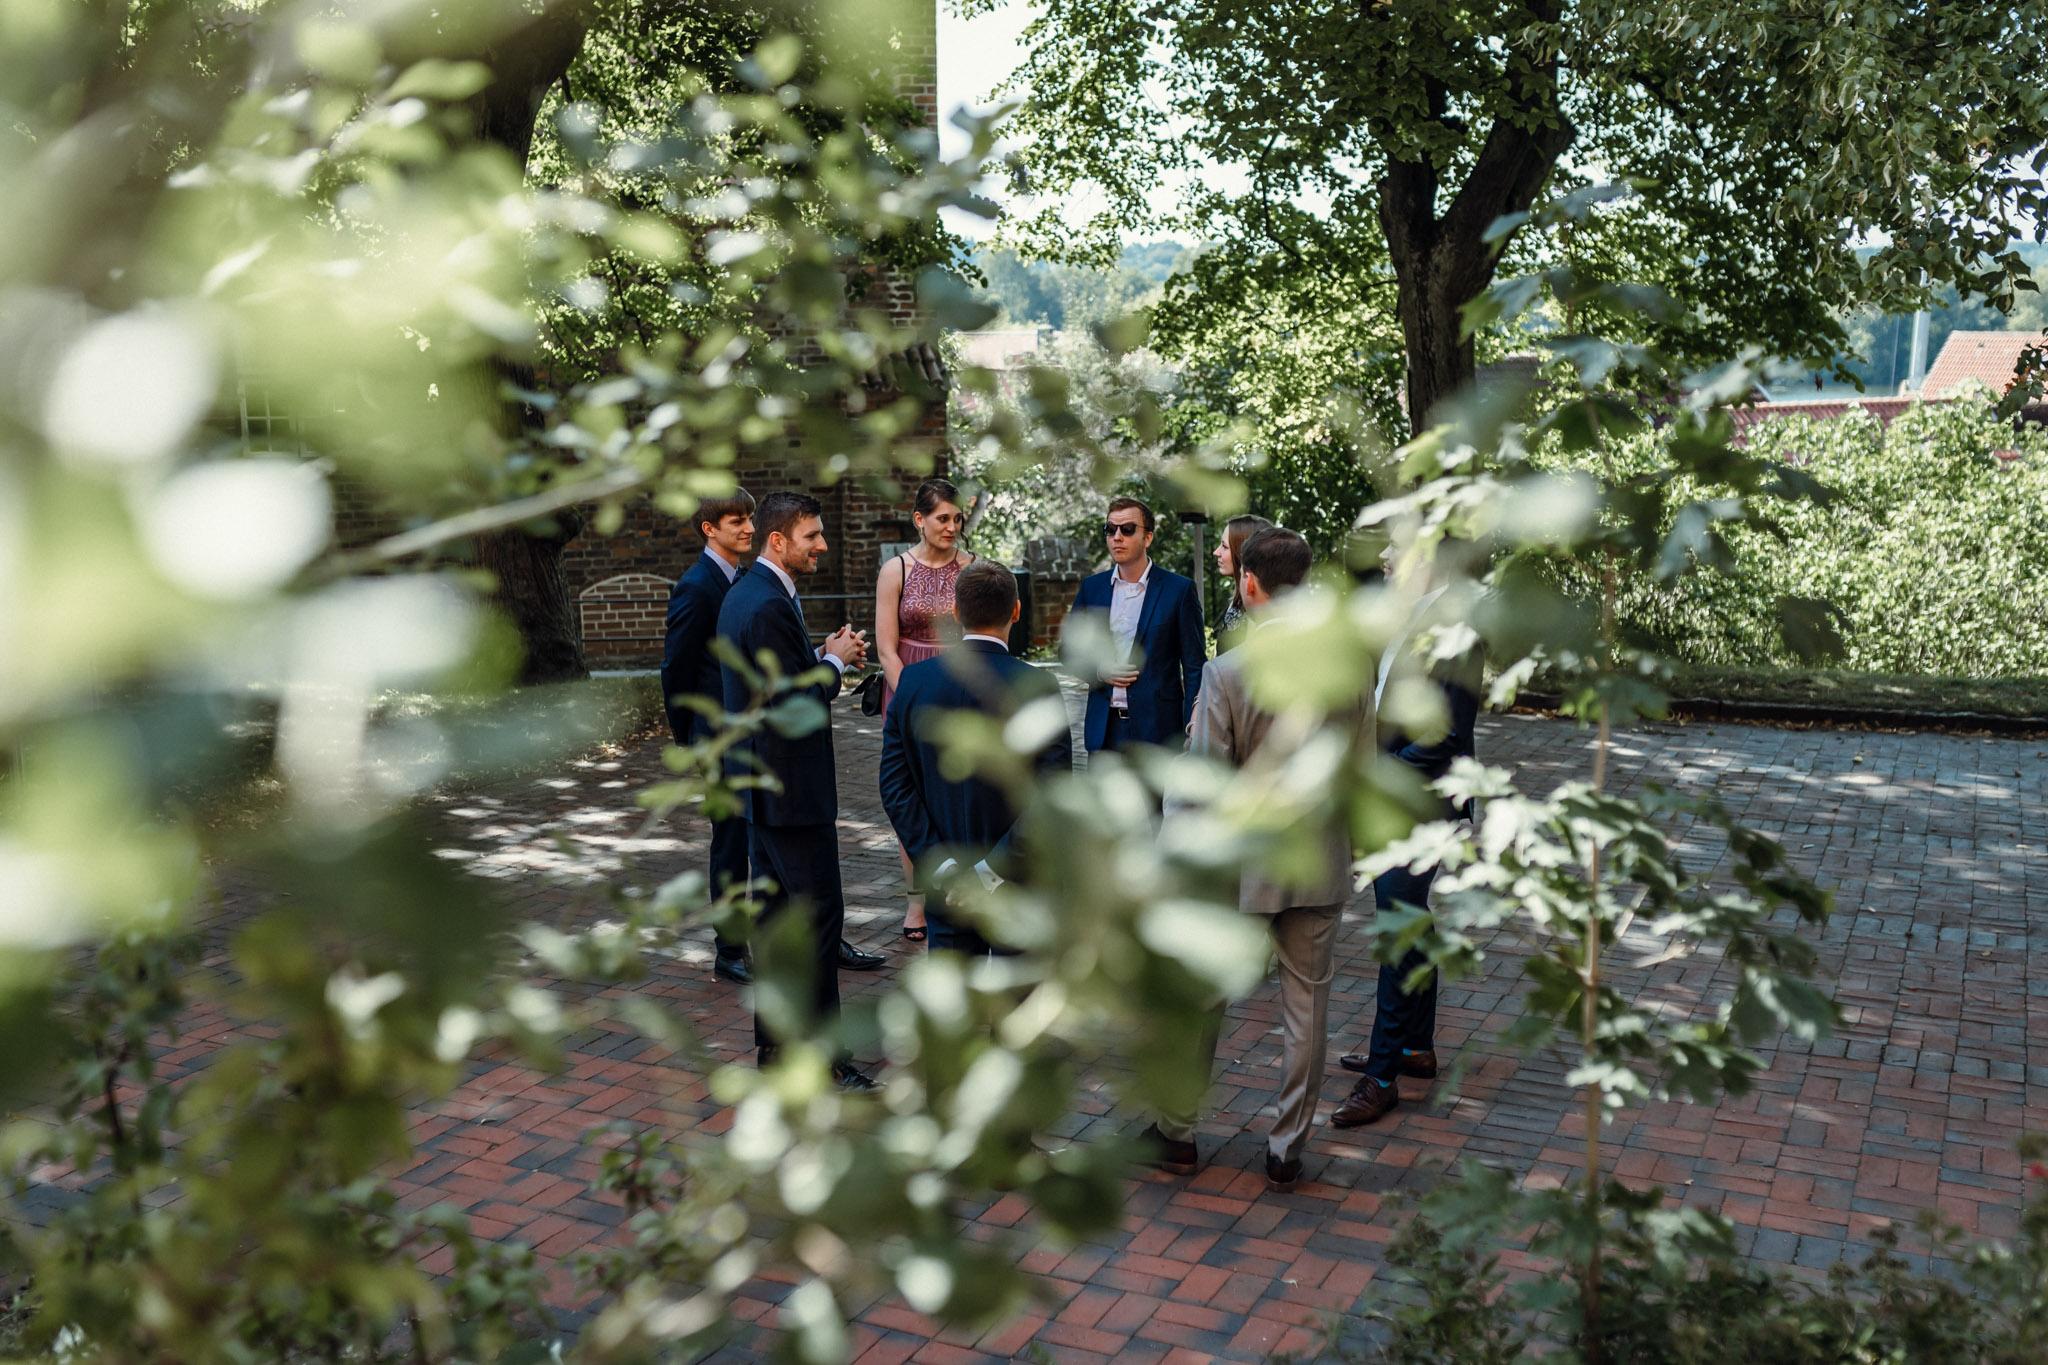 Sven Schomburg Hochzeitsfotografie, Hamburg, Mölln, Hochzeitsfieber by Photo-Schomburg, Hochzeitsreportage, Forsthaus Waldhusen, Braut, Bräutigam-10